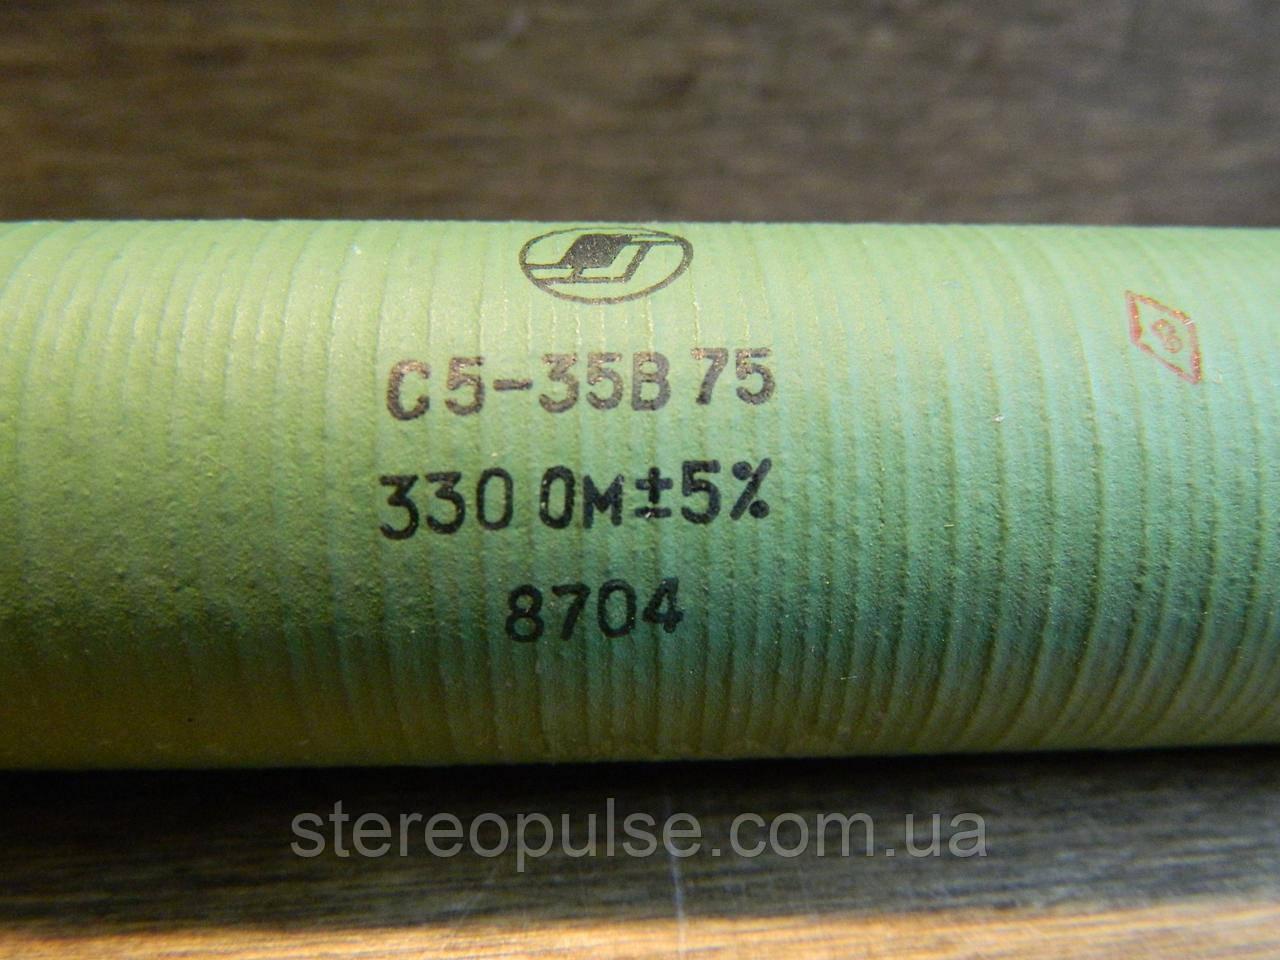 Резистор  С5- 35В   75вт   330 Ом  5%